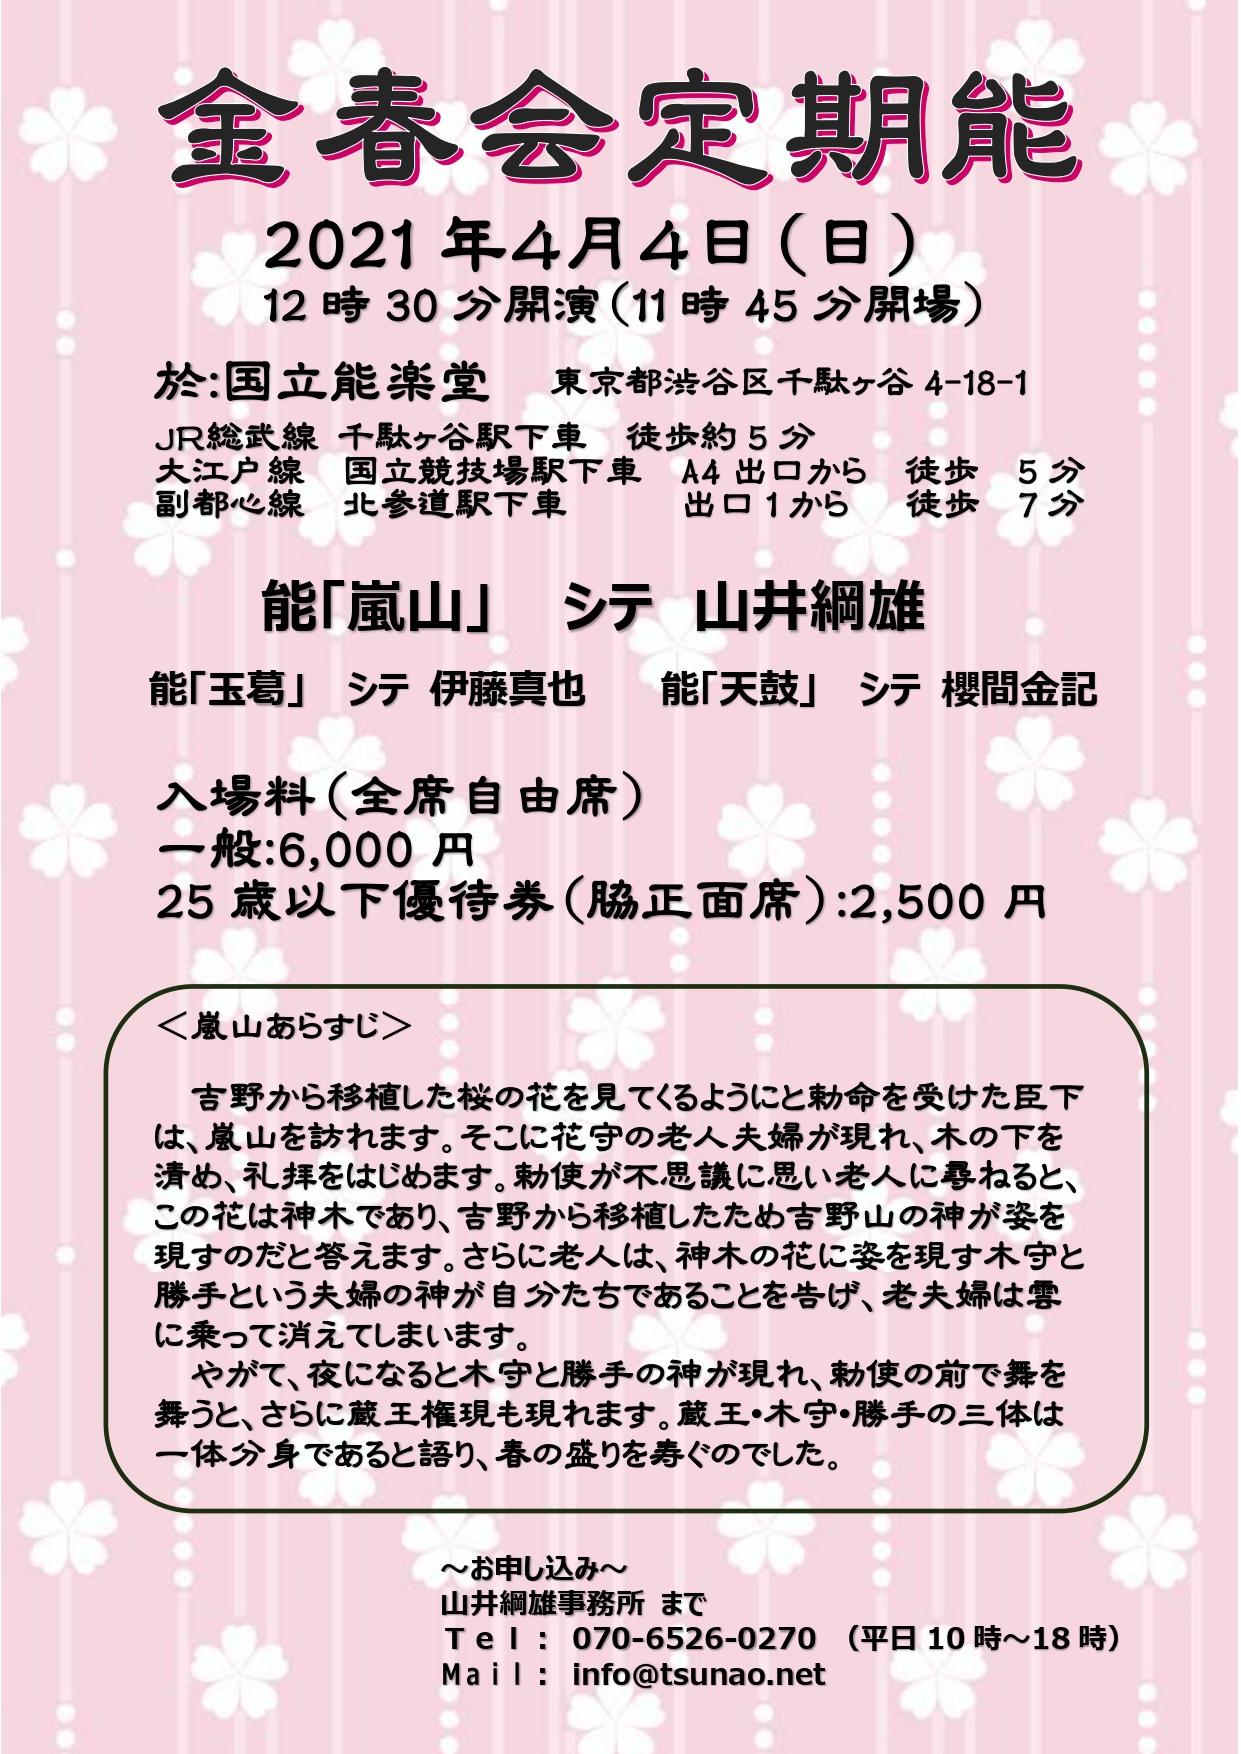 2021年度 山井綱雄 シテ公演 金春会定期能